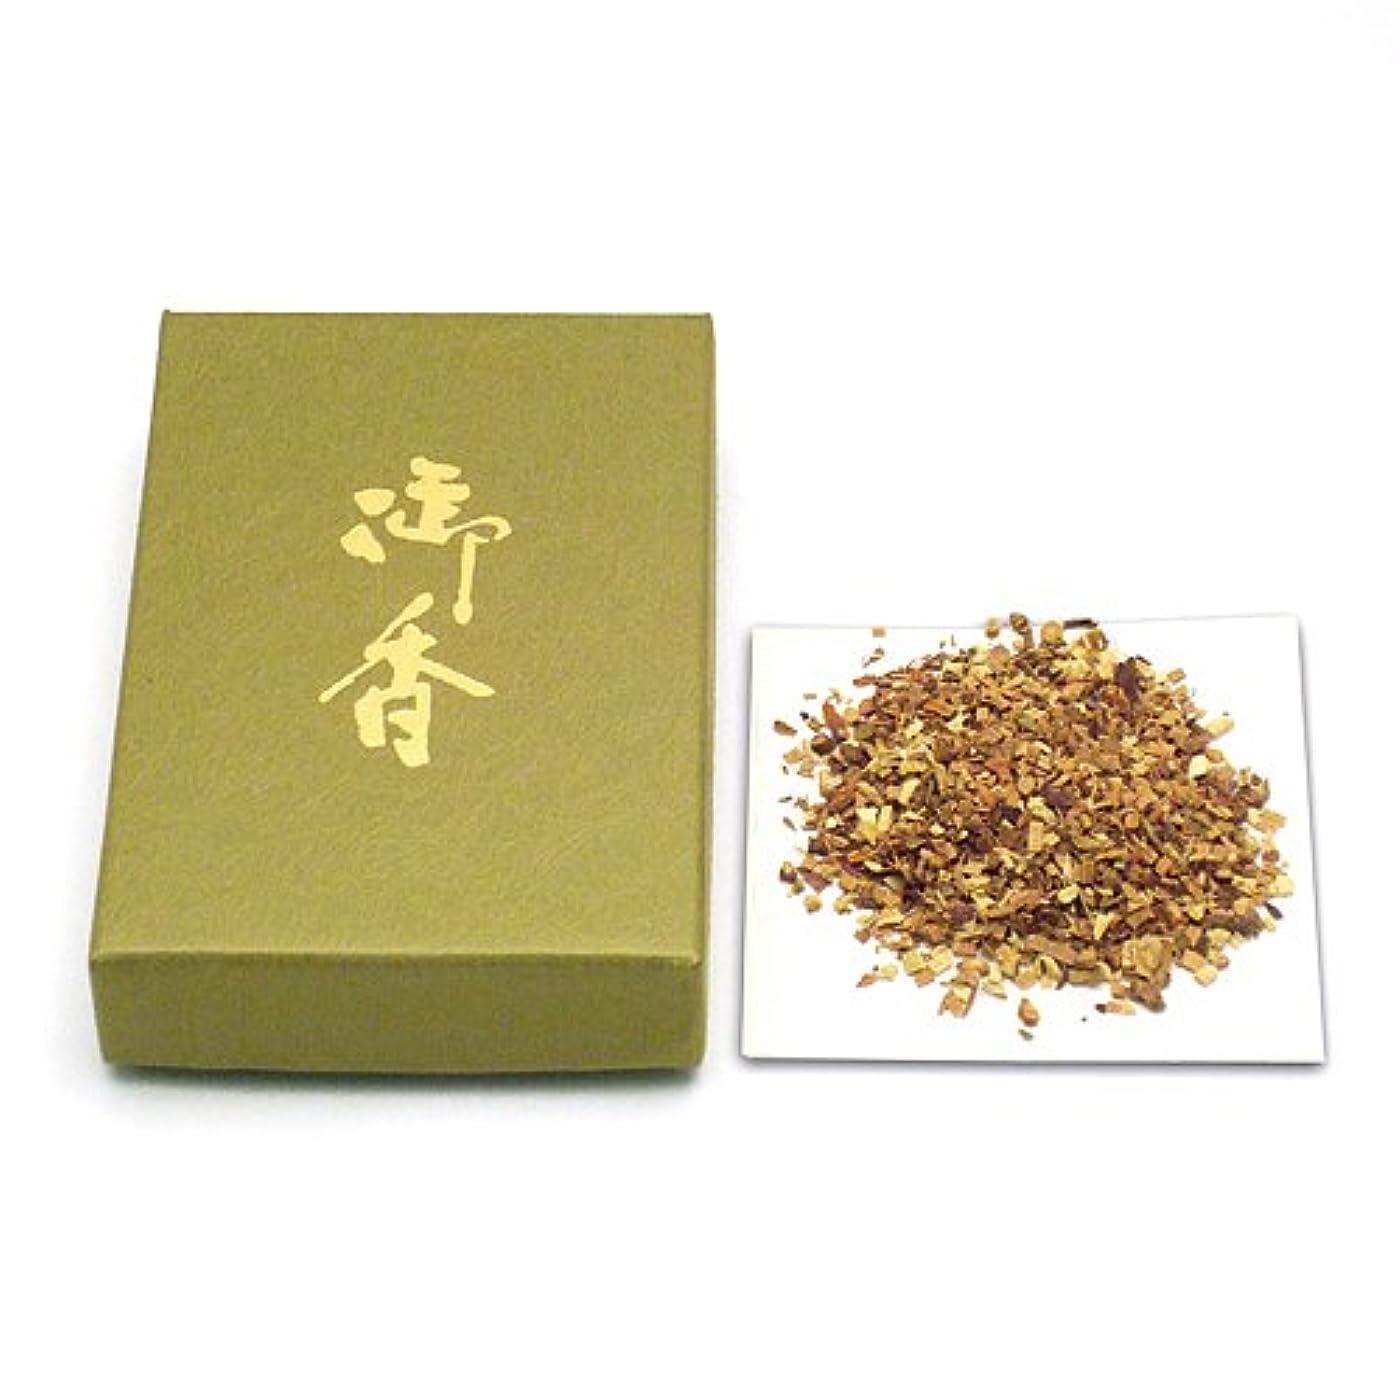 謎めいたスタイルシンポジウム焼香用御香 好薫印 25g◆お焼香用の御香